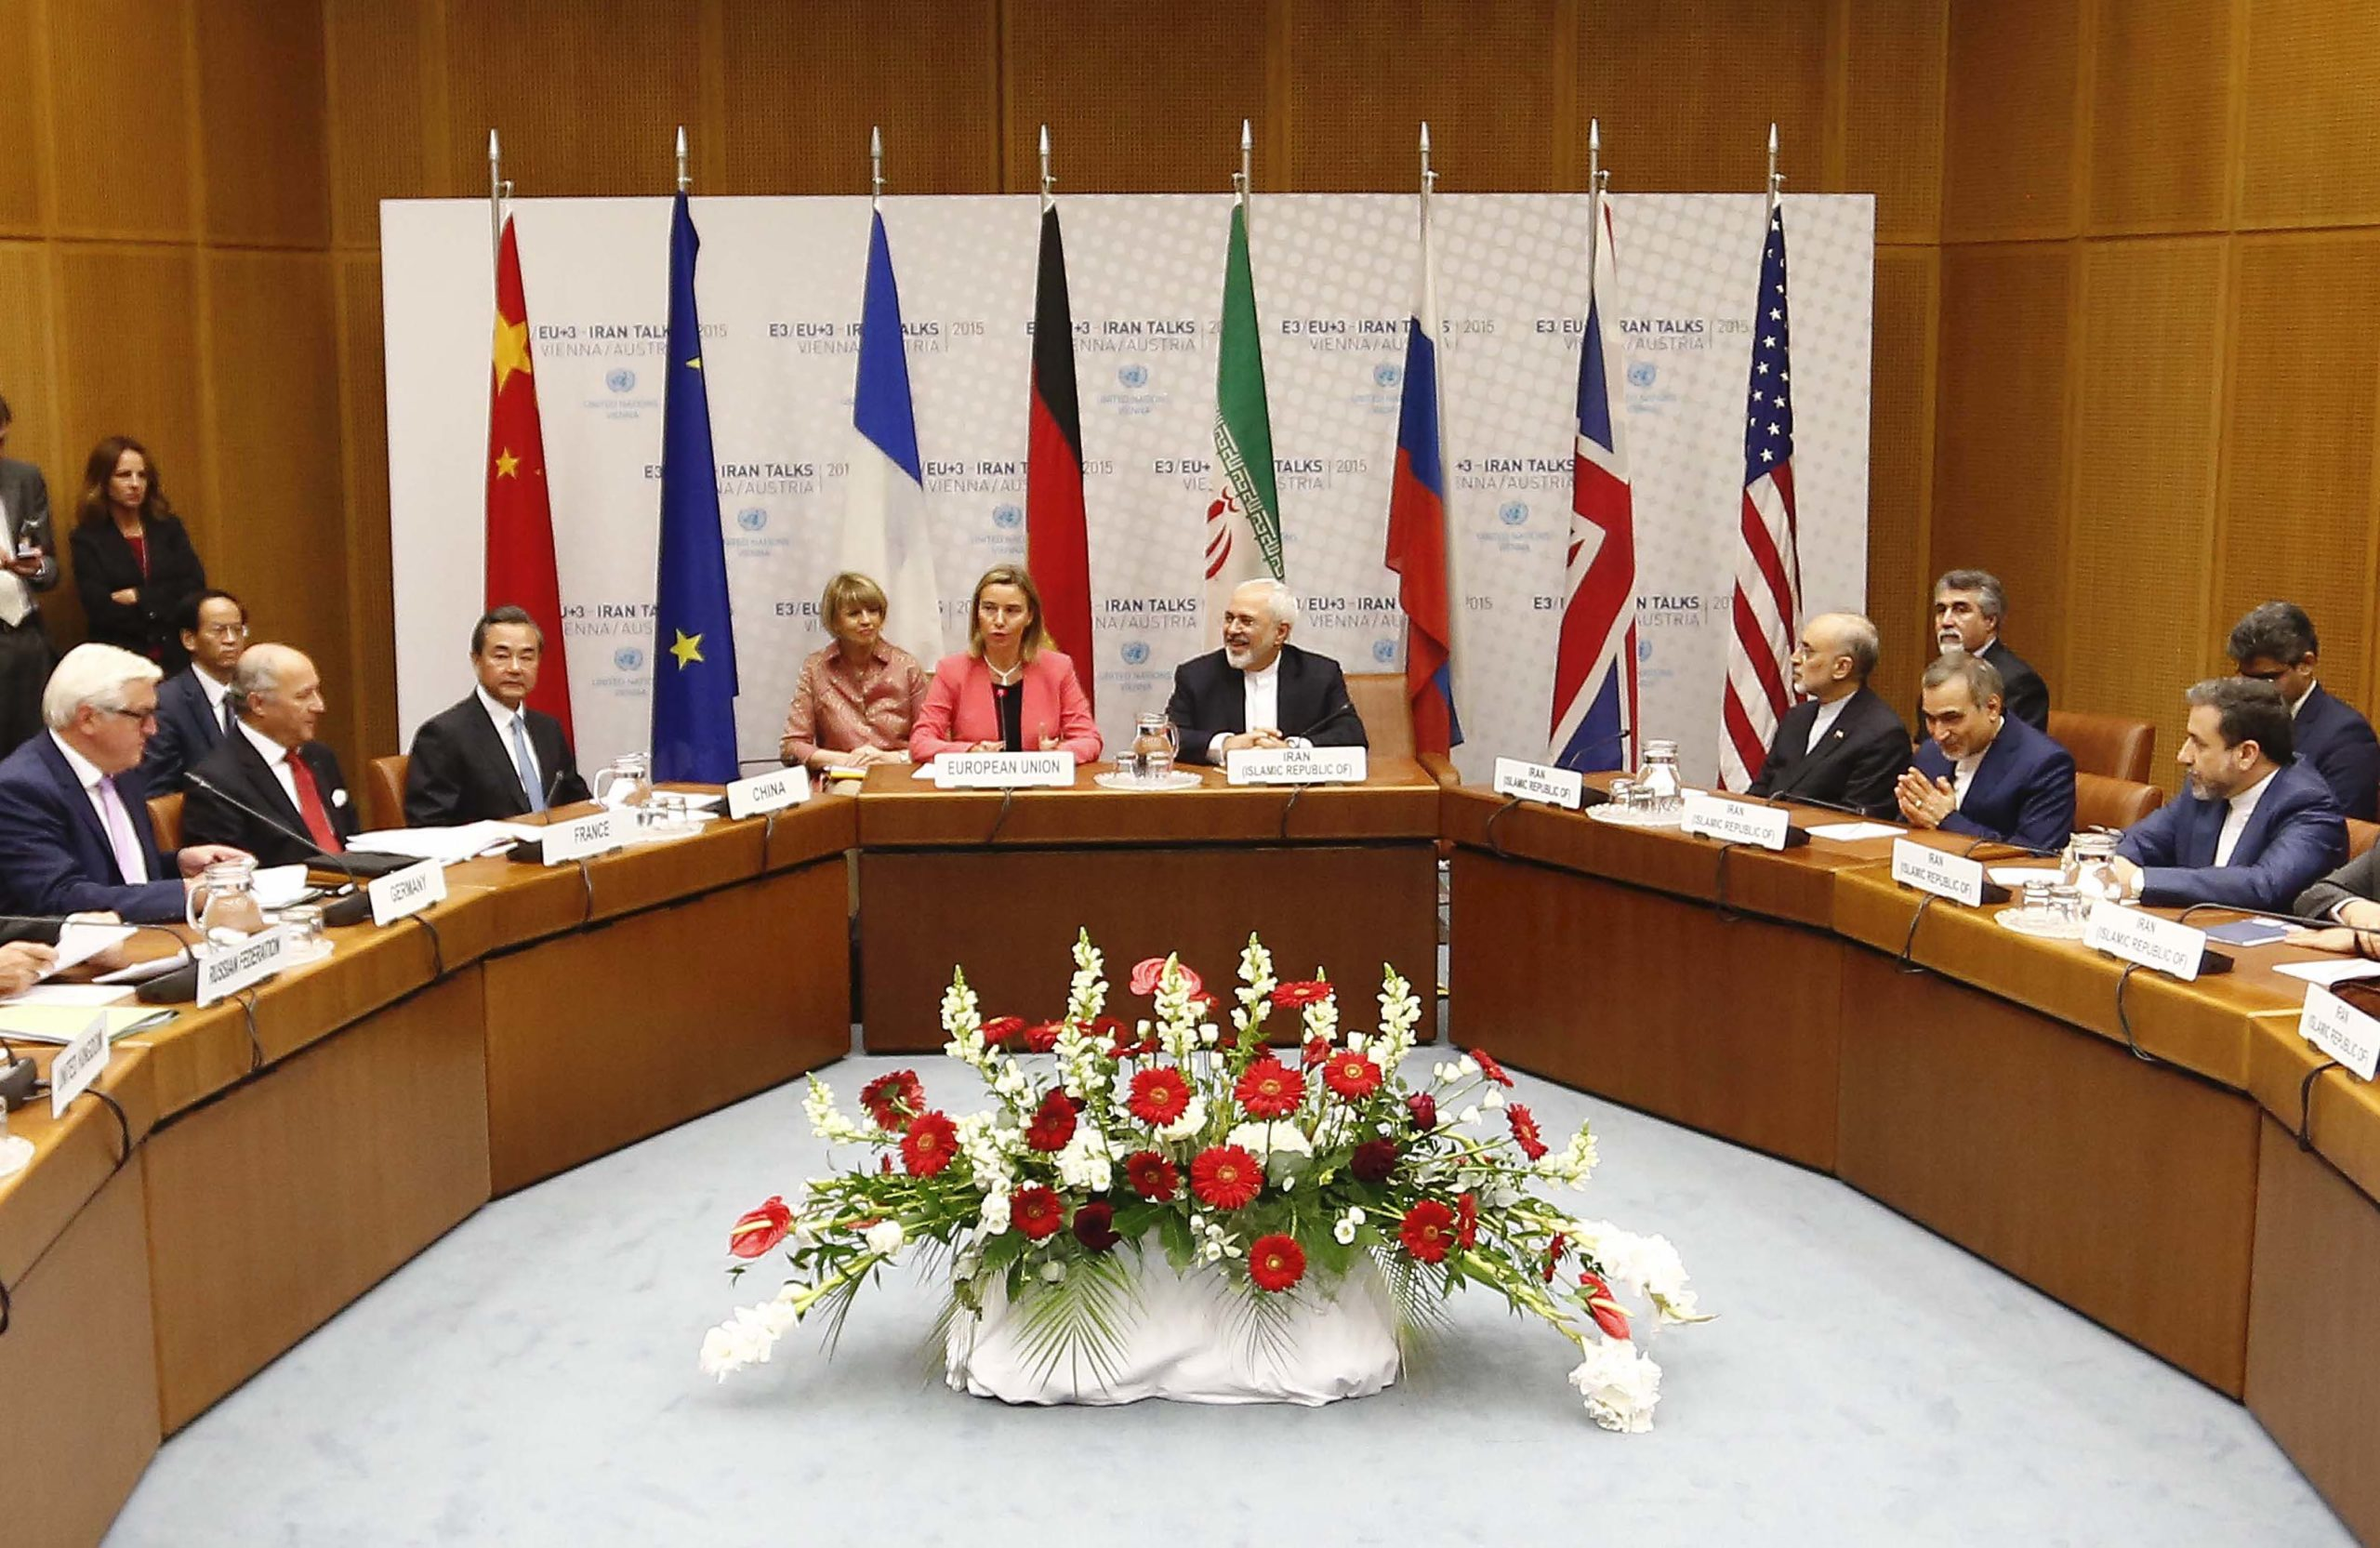 FAKTA: Aftalen om det iranske atomprogram